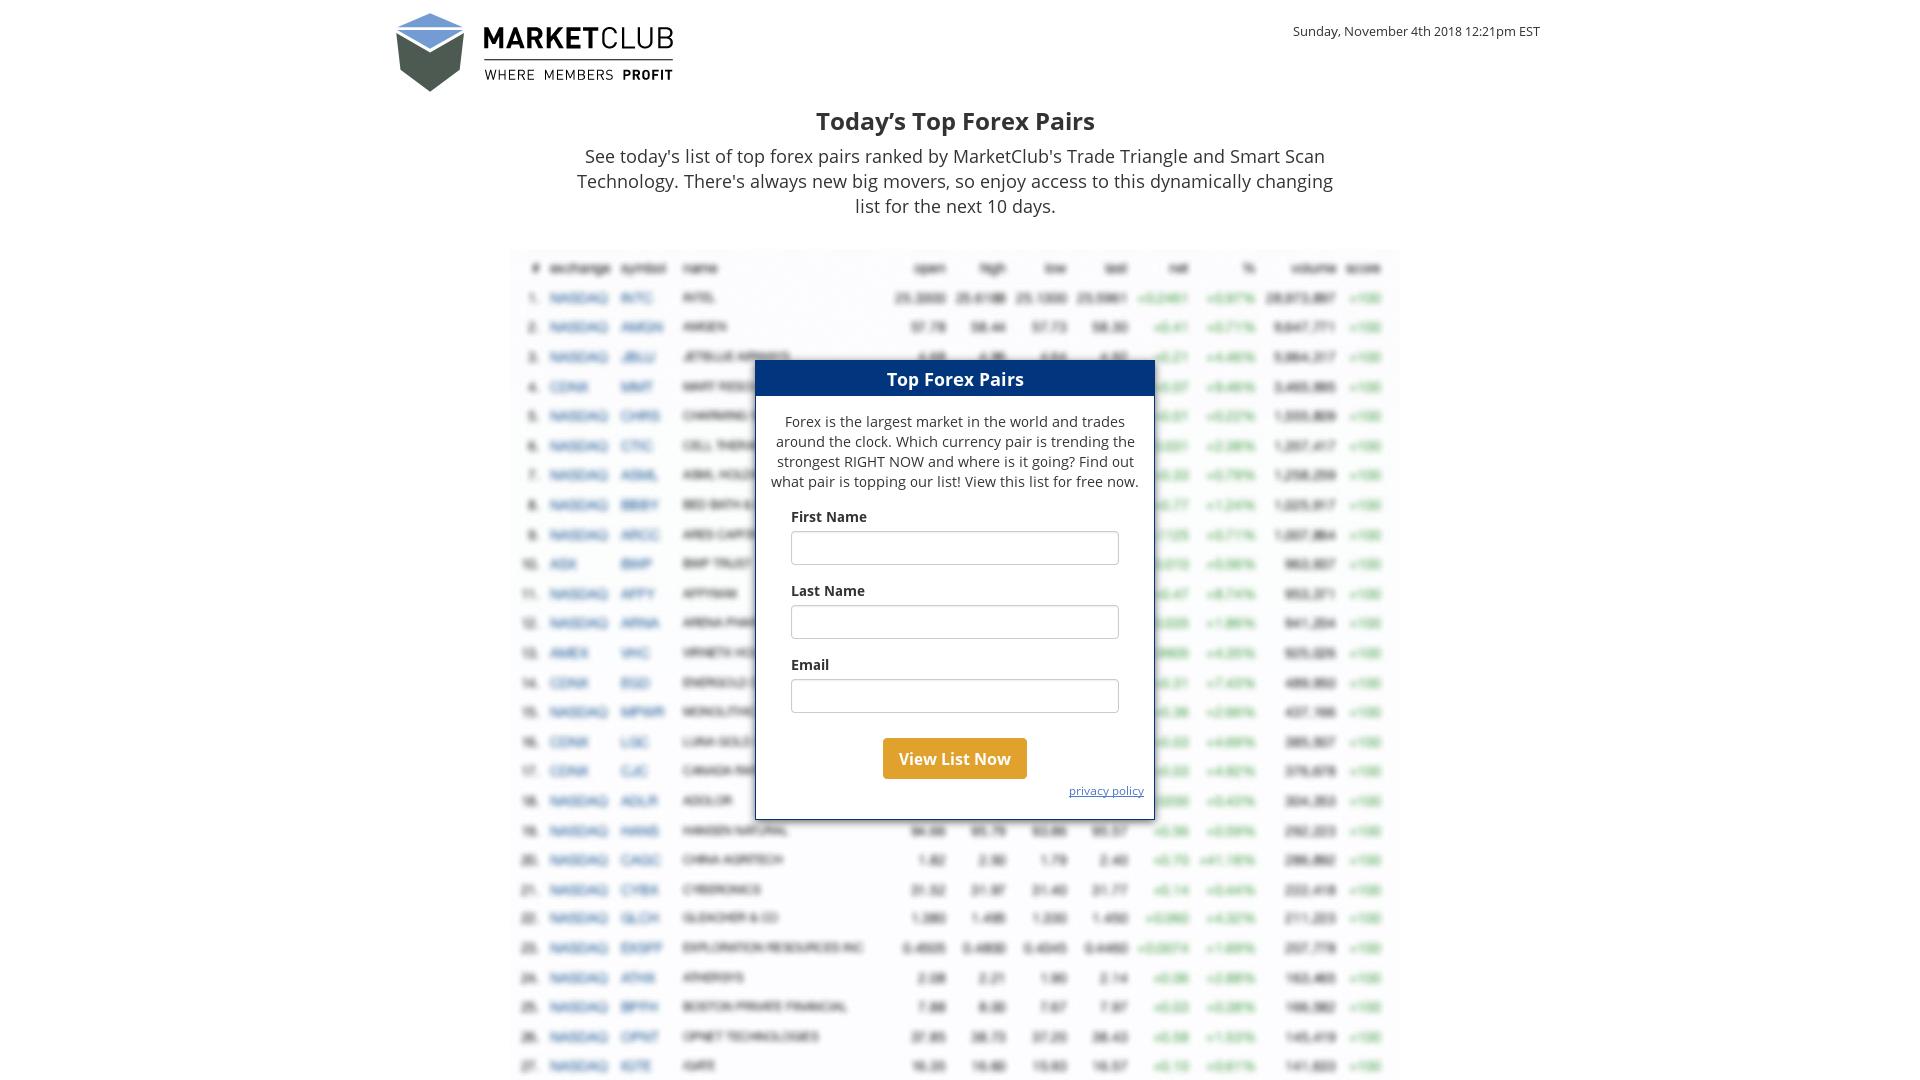 Forexclub.com